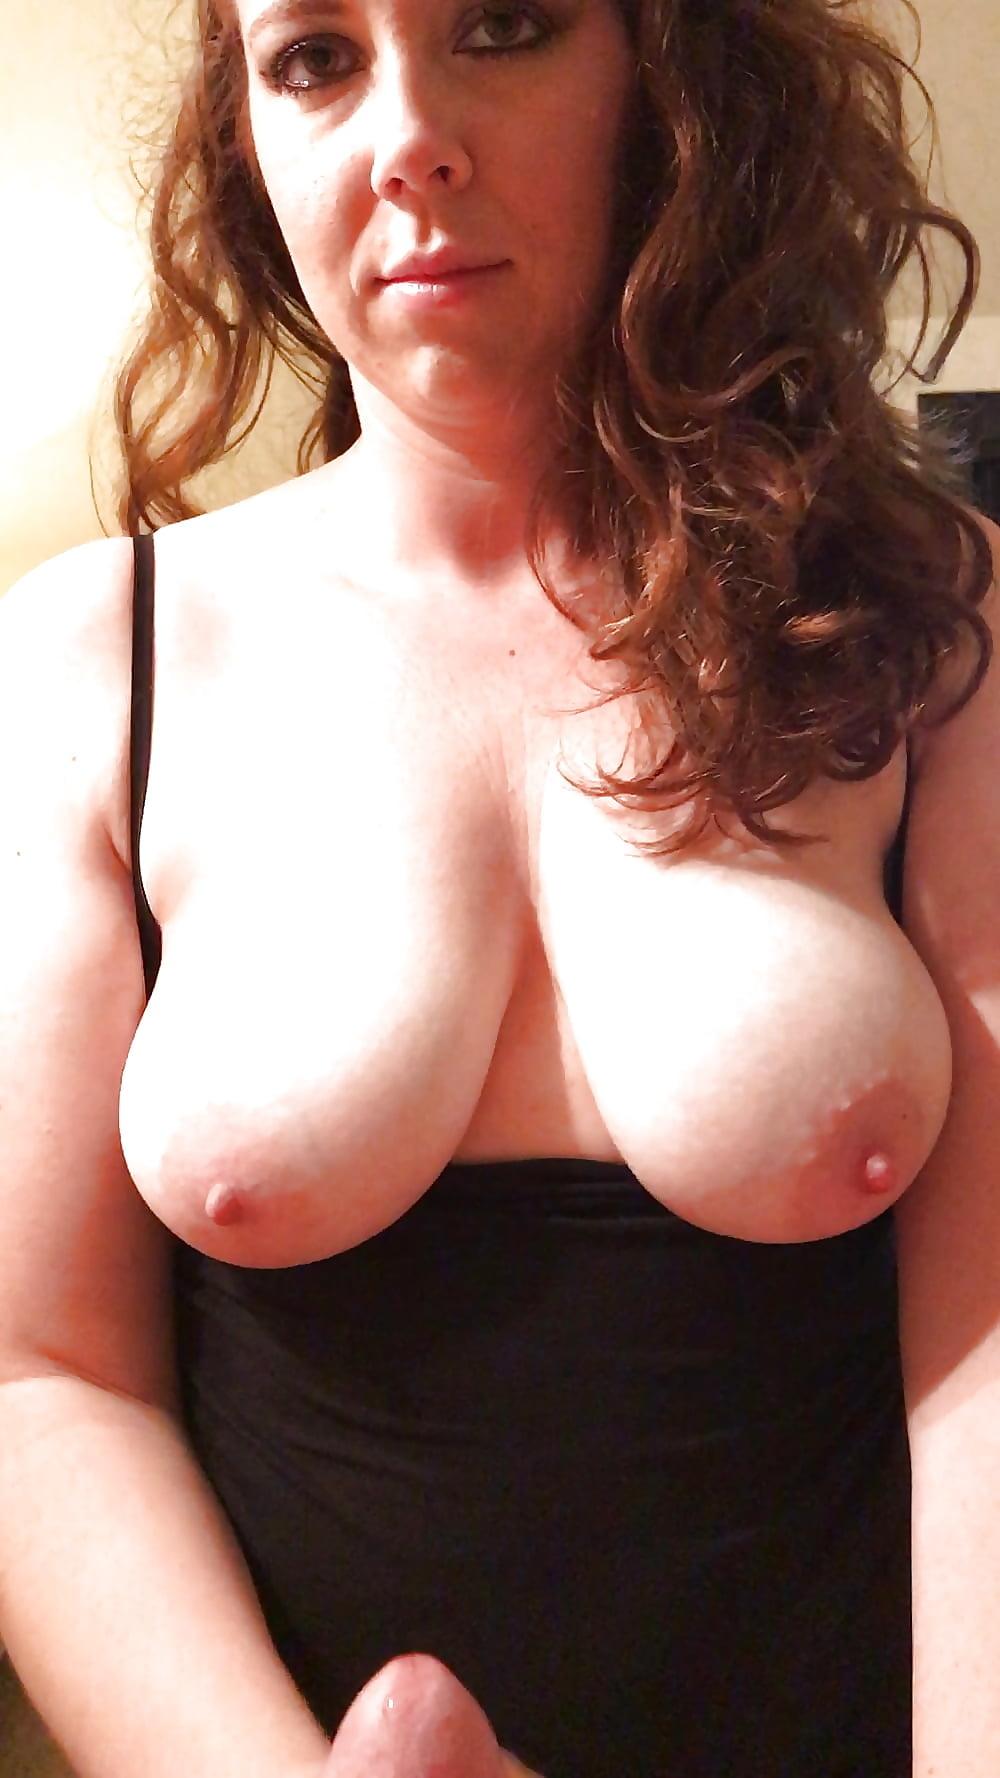 girls-amateur-exposed-nipple-amateur